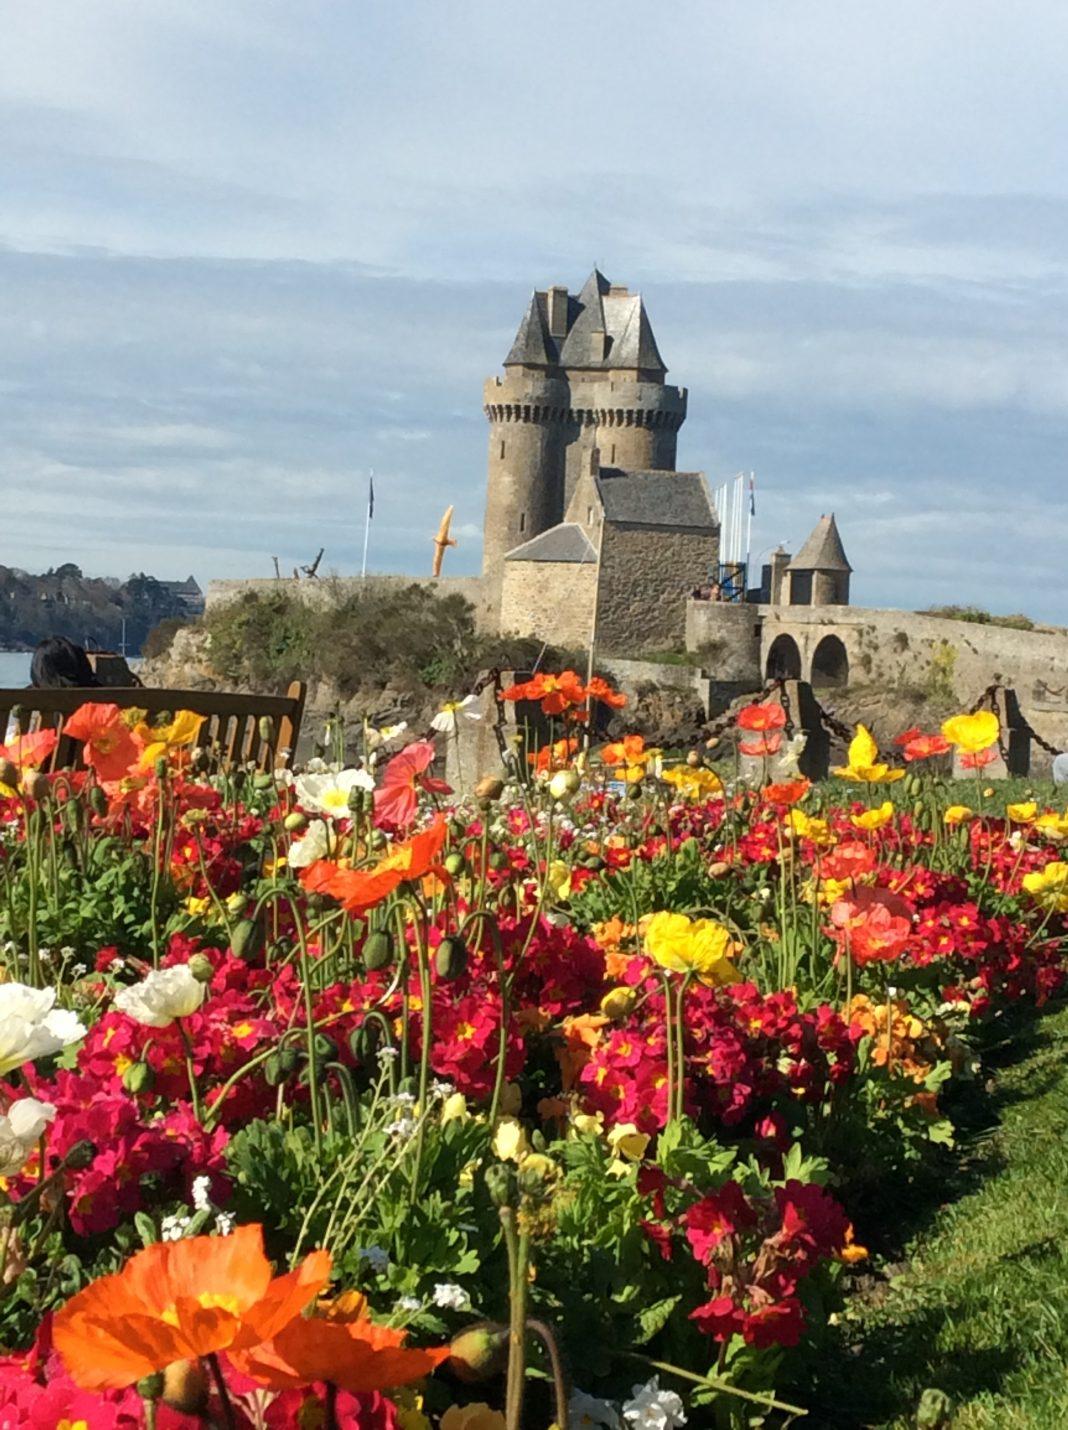 Château à Équire, France . (Crédit photo Daniel Projean)